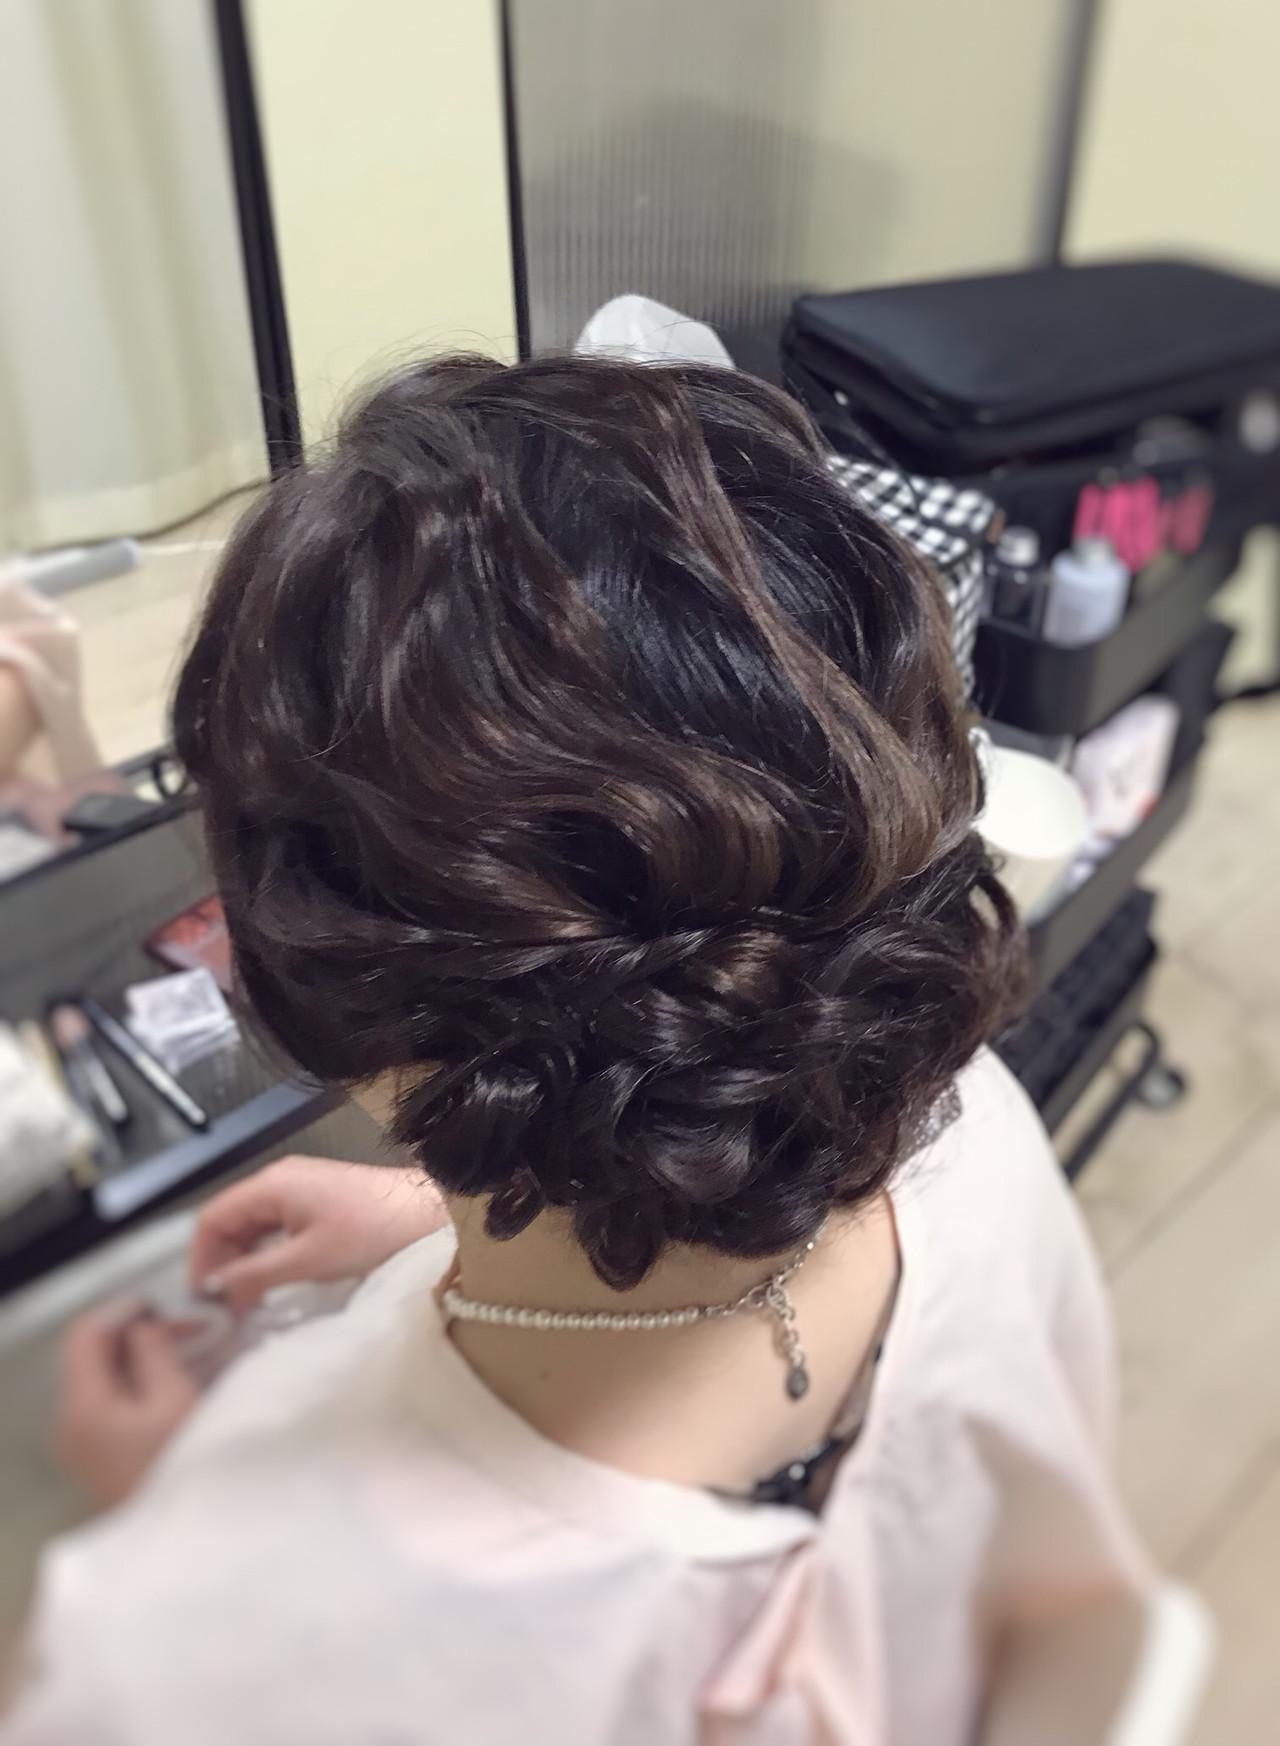 パーティヘア ロング 結婚式 ヘアアレンジヘアスタイルや髪型の写真・画像